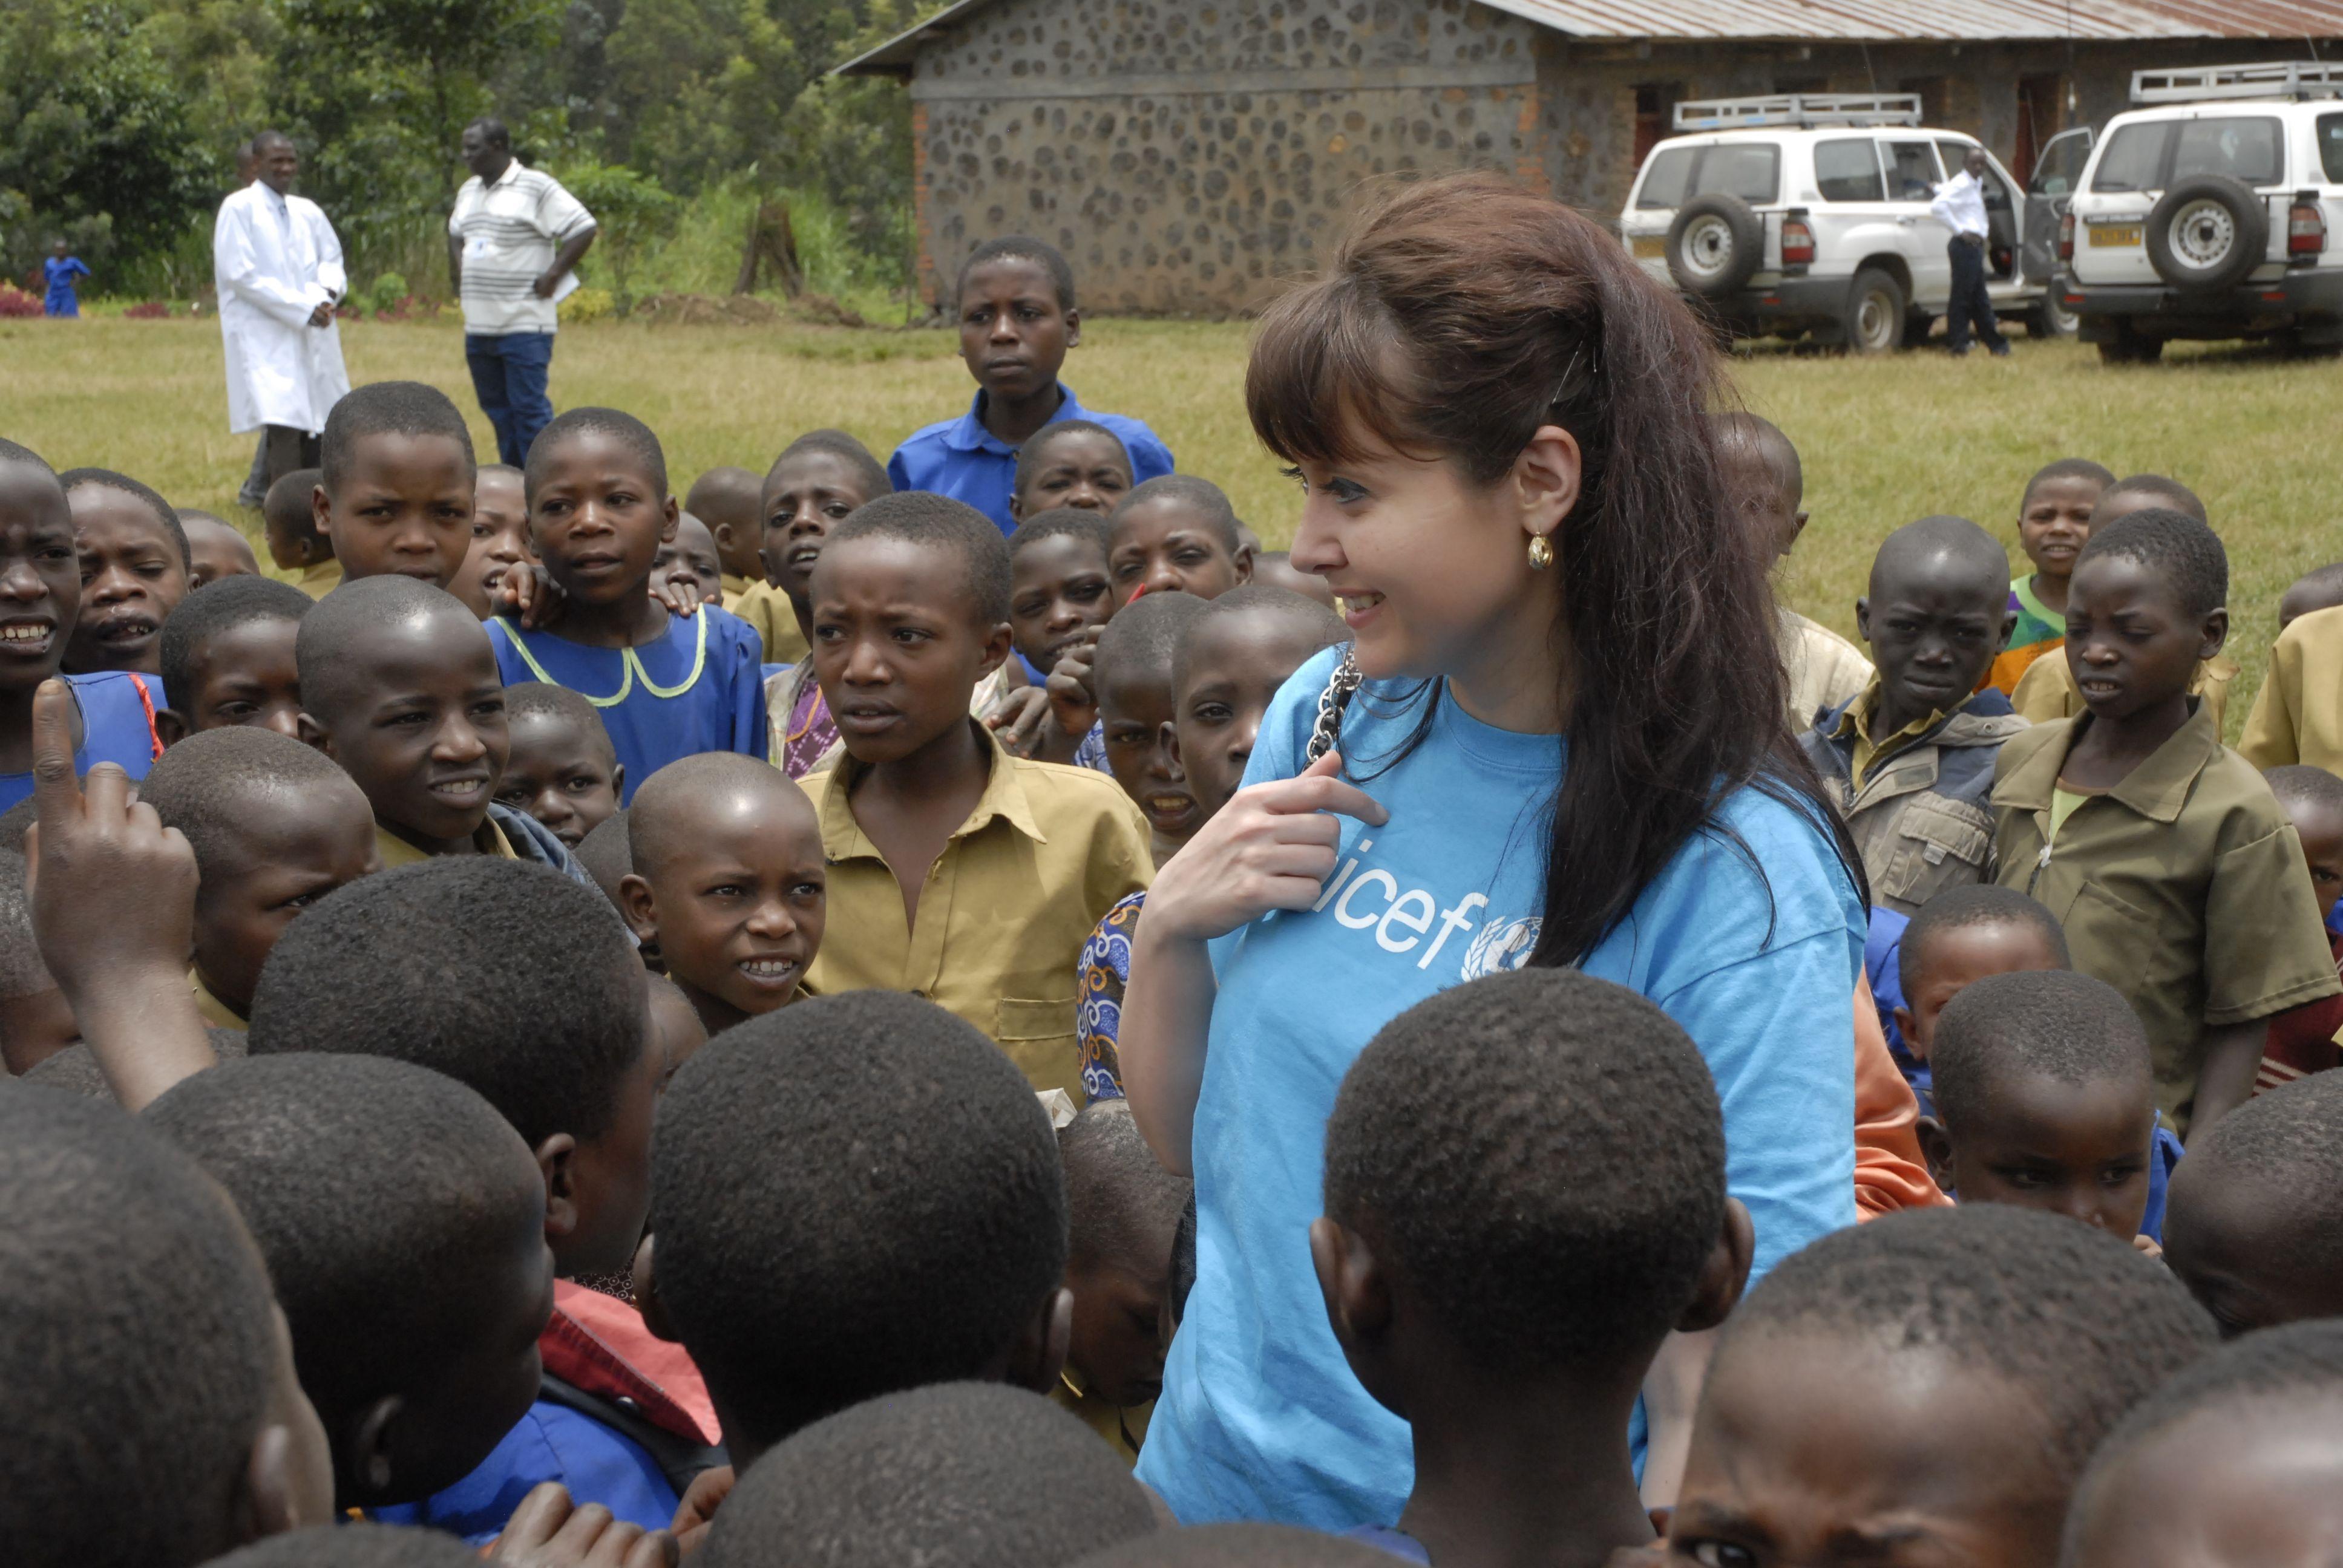 Ředitelka českého UNICEF Pavla Gomba: Děti potřebují někoho, kdo se o ně postará